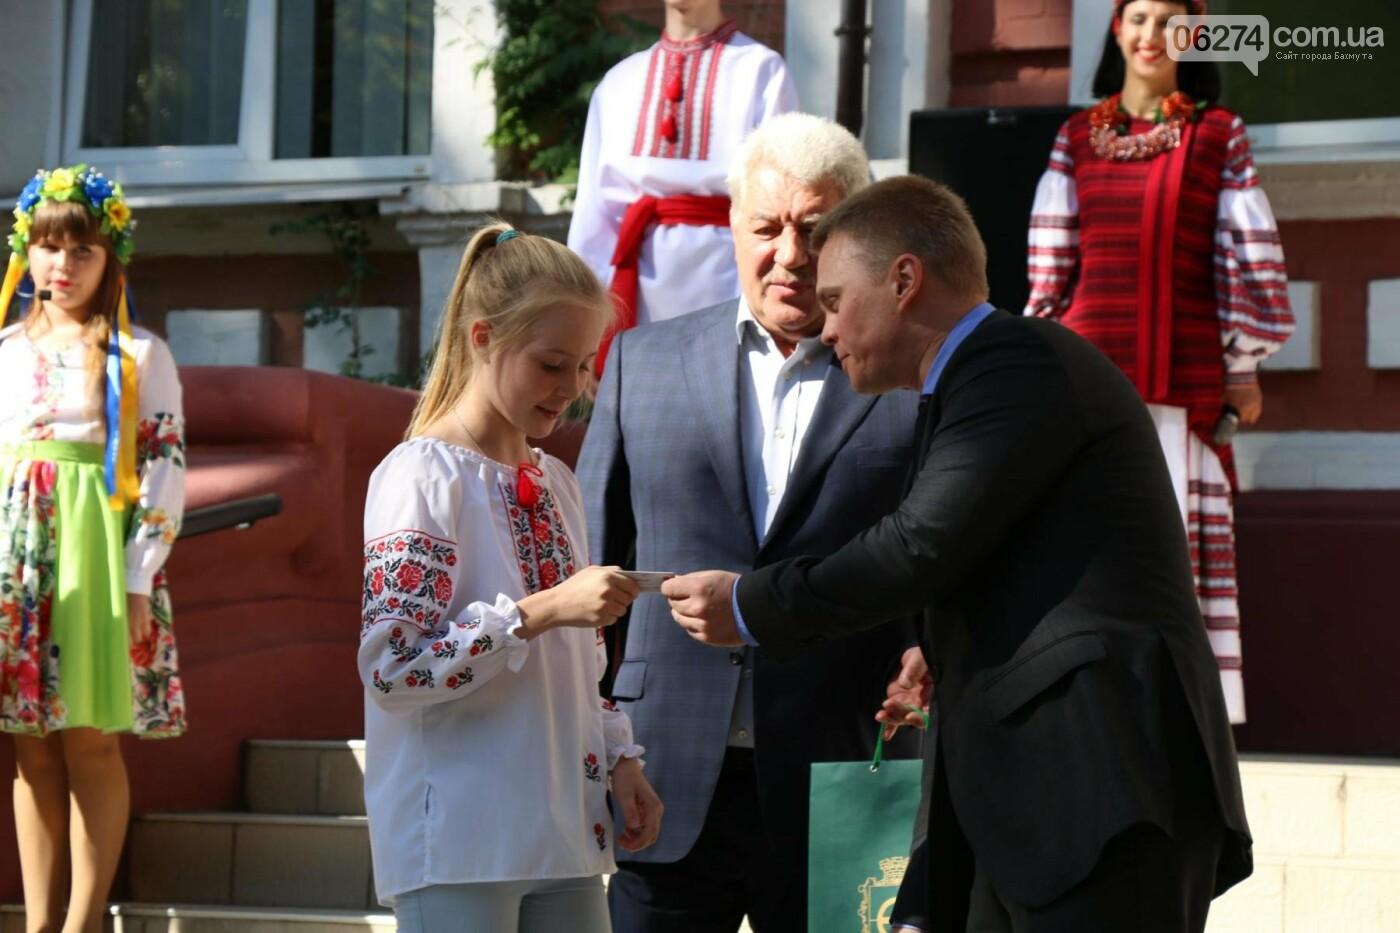 В Бахмуте отметили День государственного флага Украины, фото-14